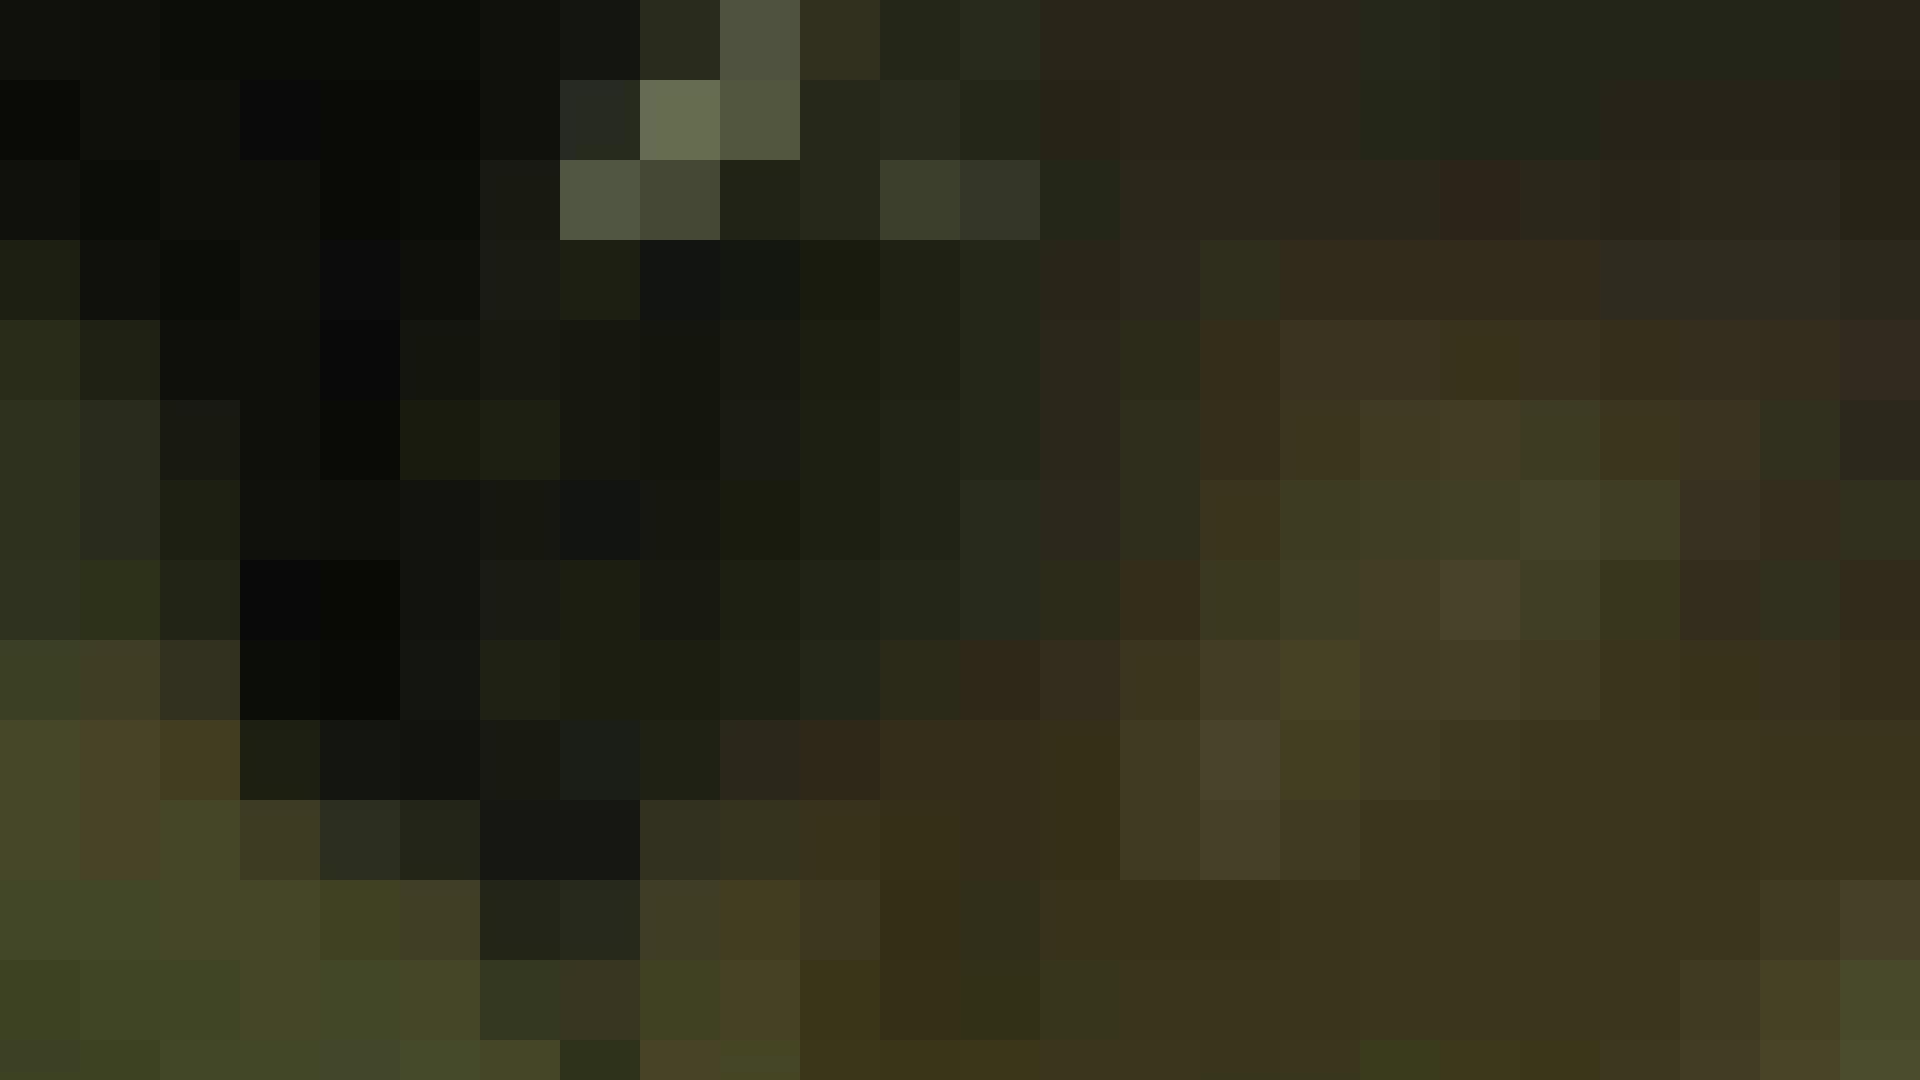 世界の射窓から vol.41 ぼうしタンのアソコ エッチすぎるOL達  37連発 26